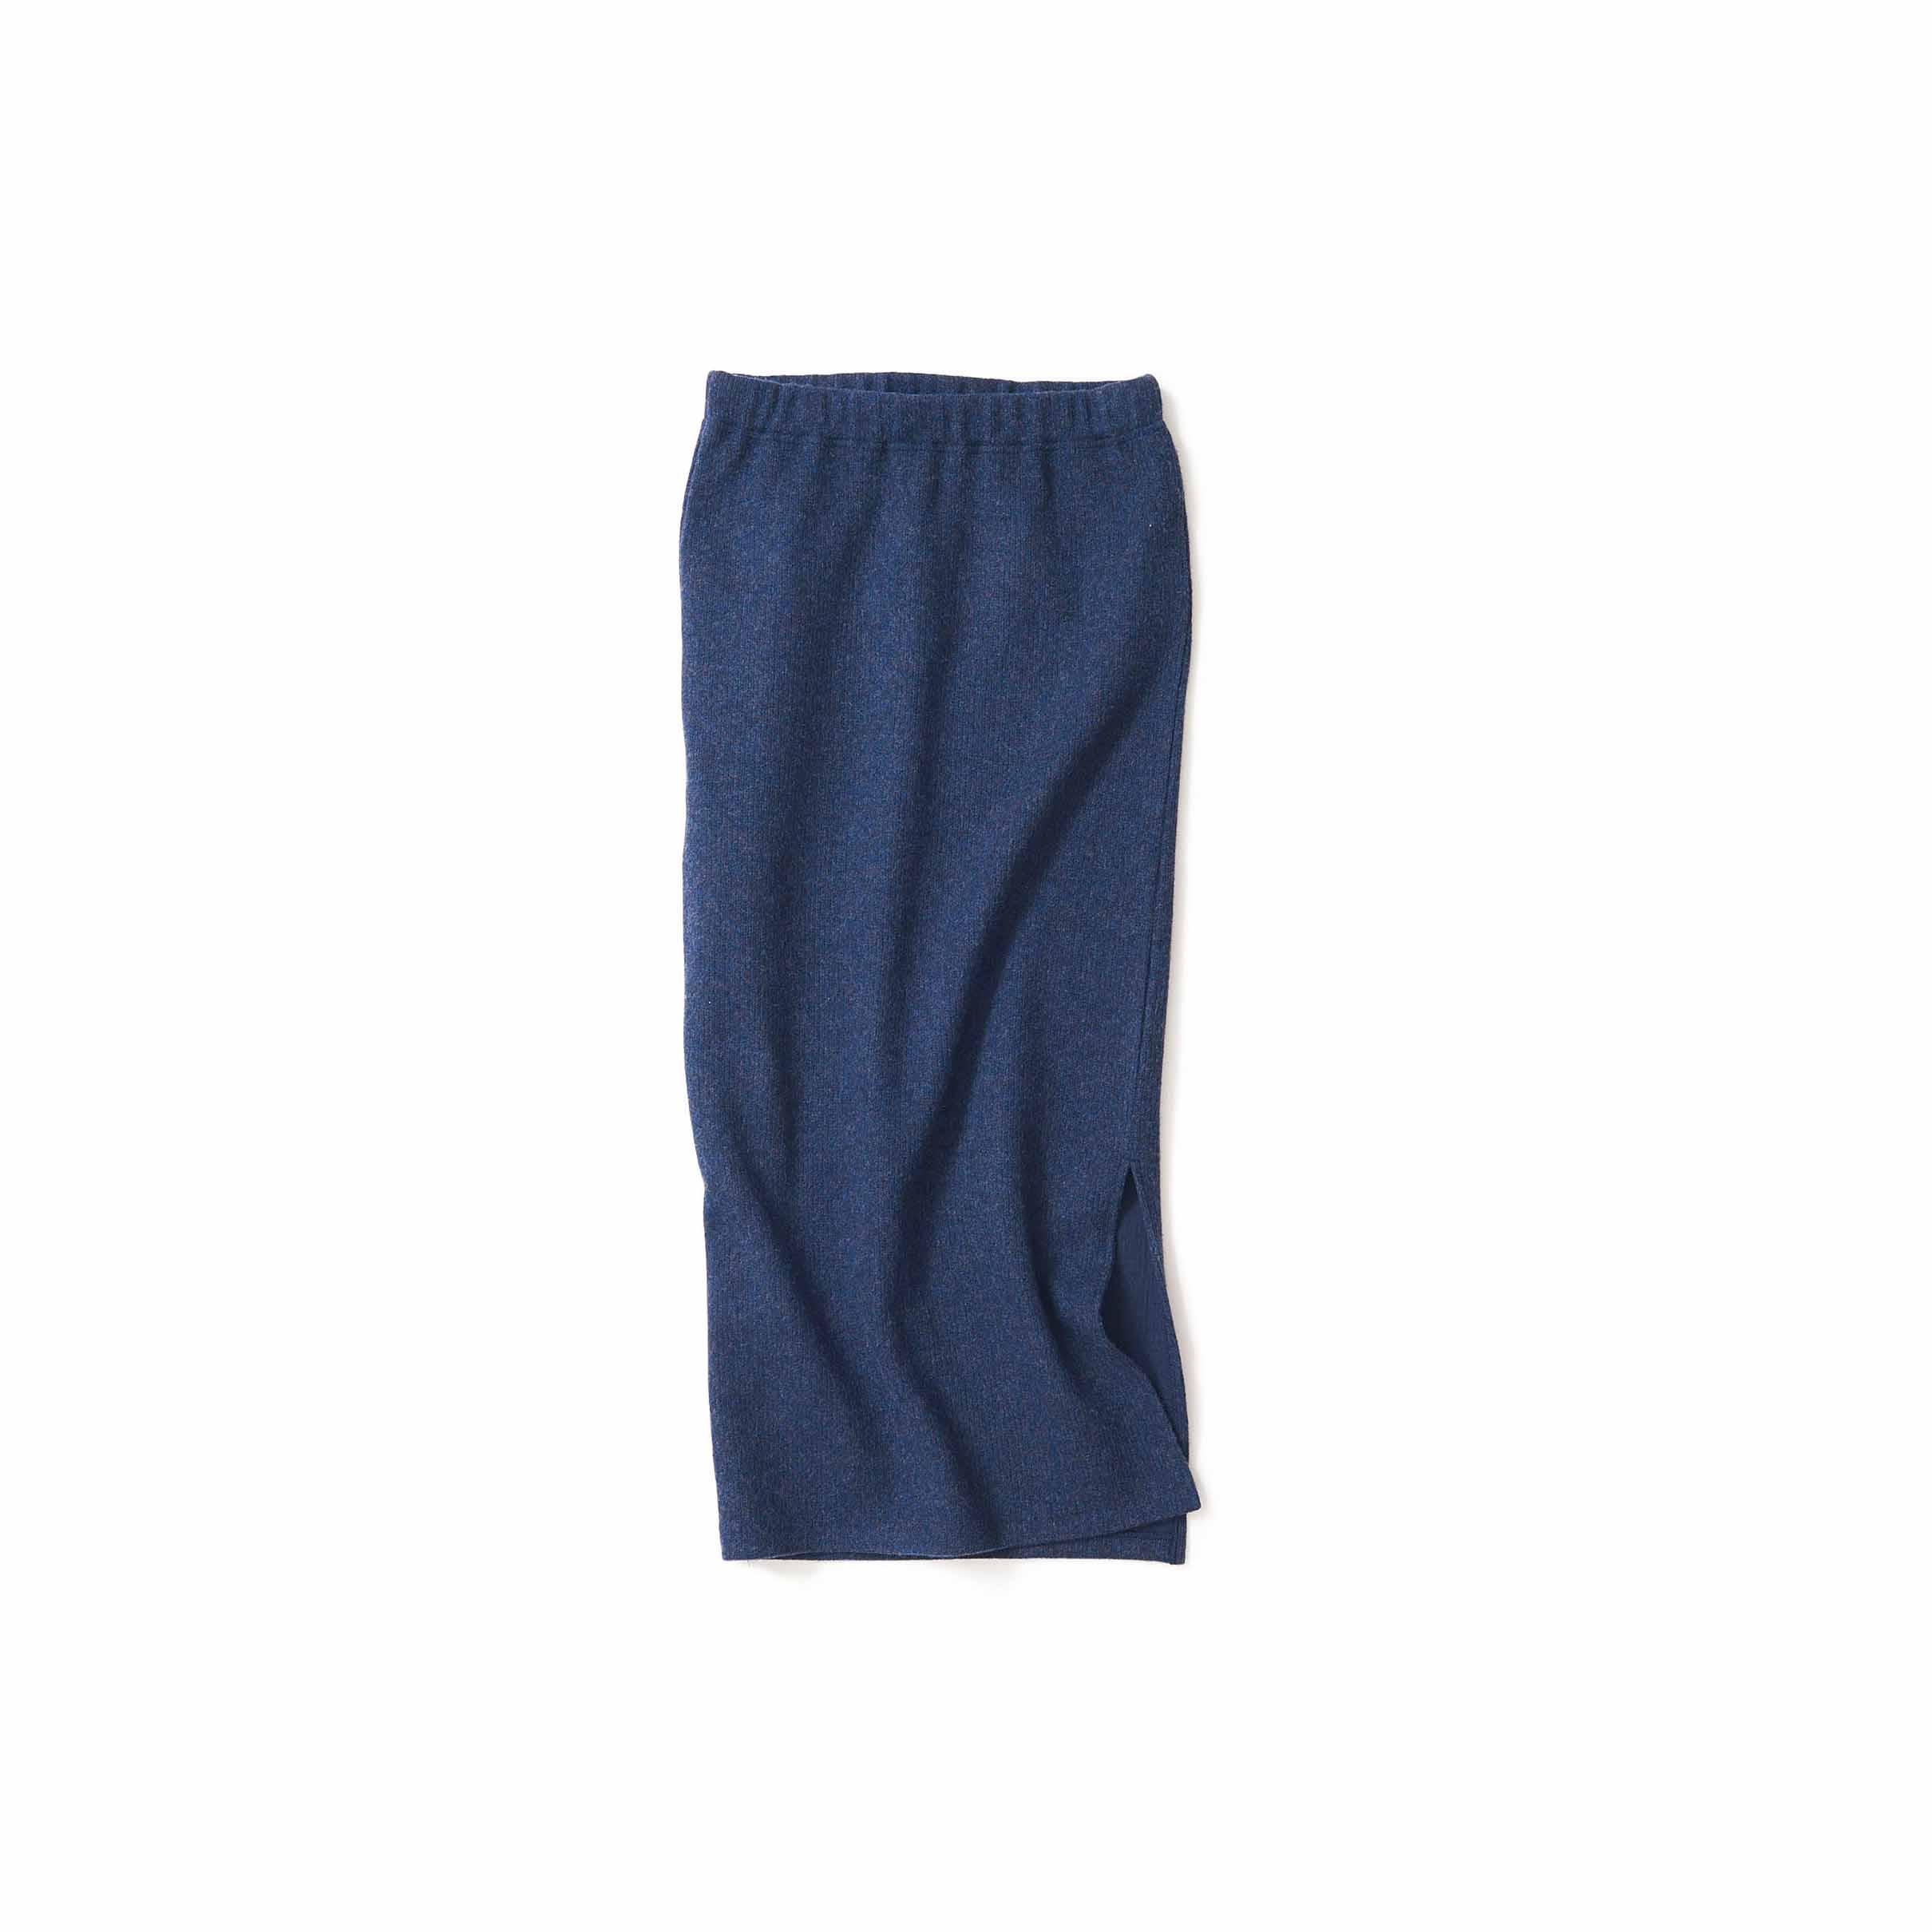 柔らかく暖かい。冬のタイトスカート